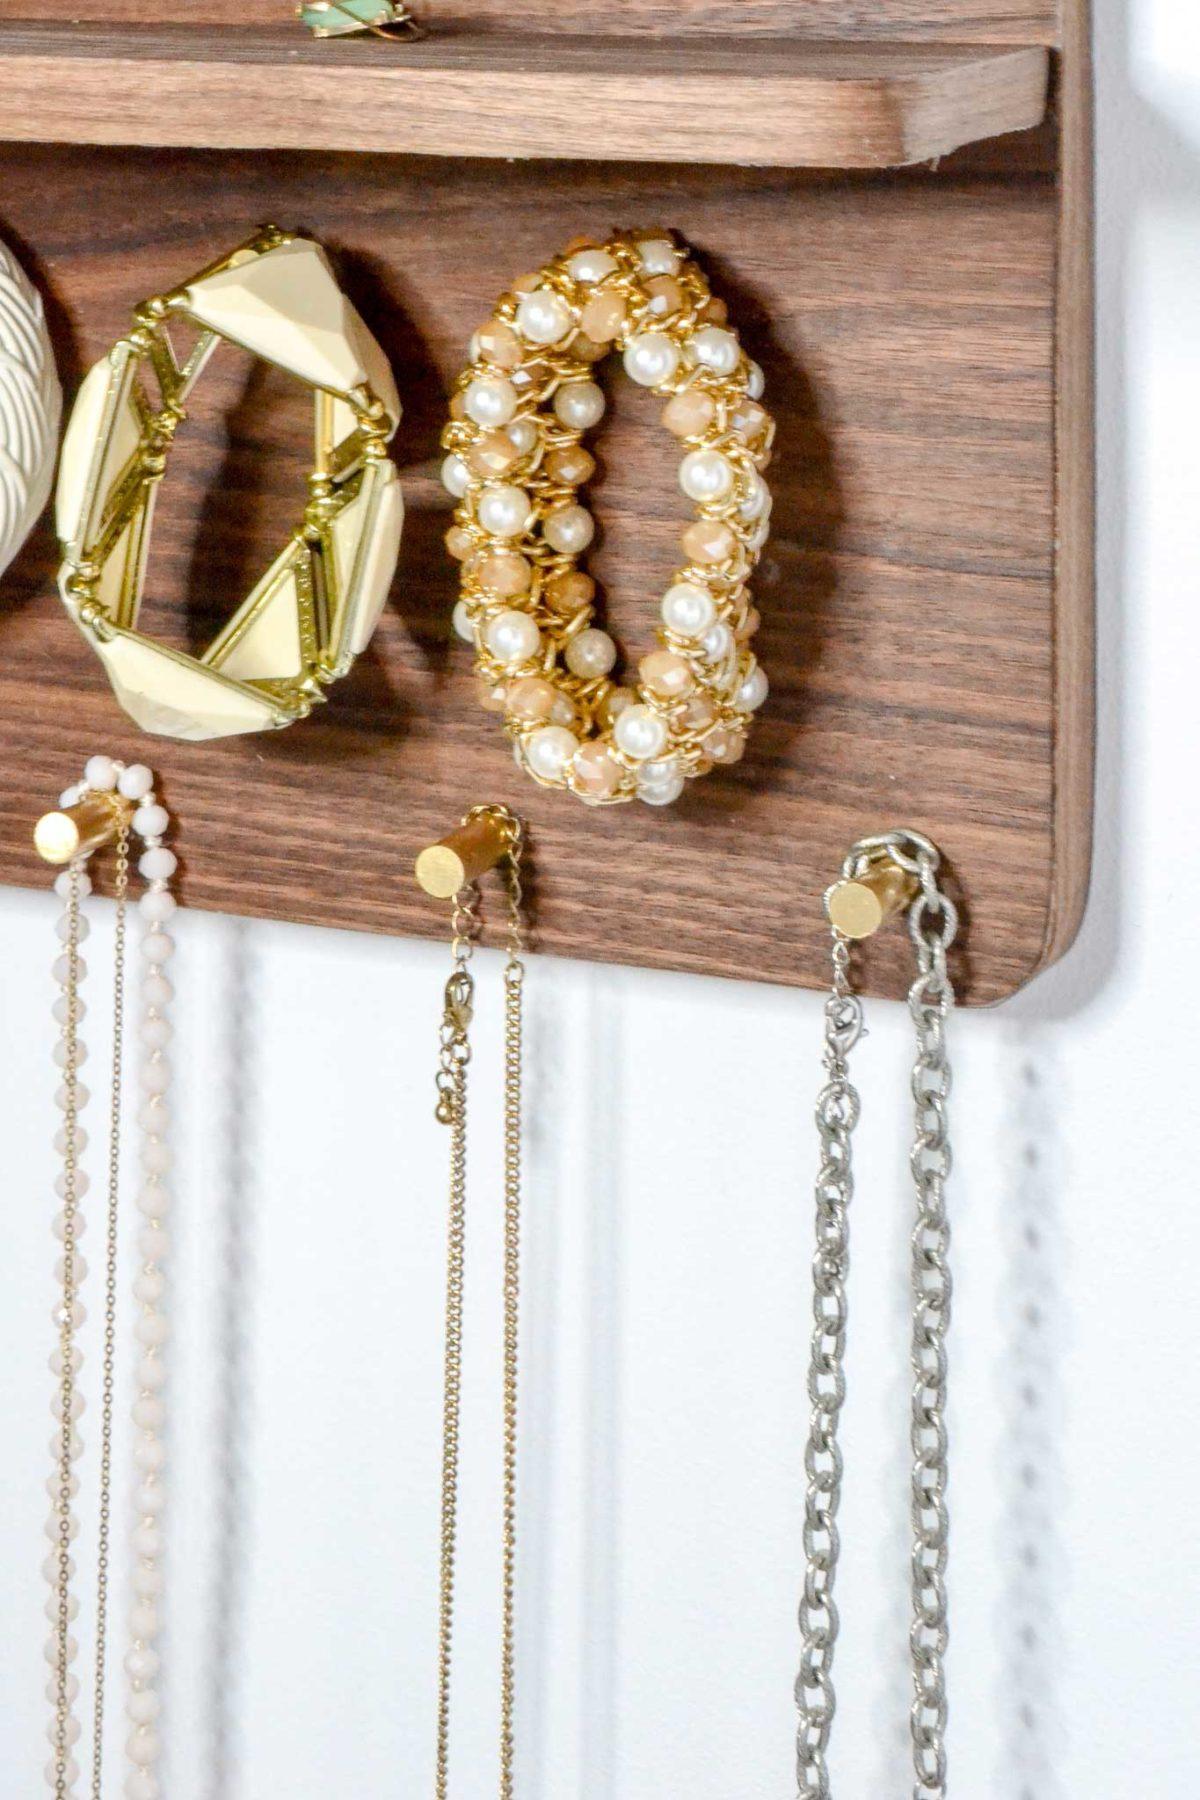 bracelets-and-necklaces-on-brass-rods